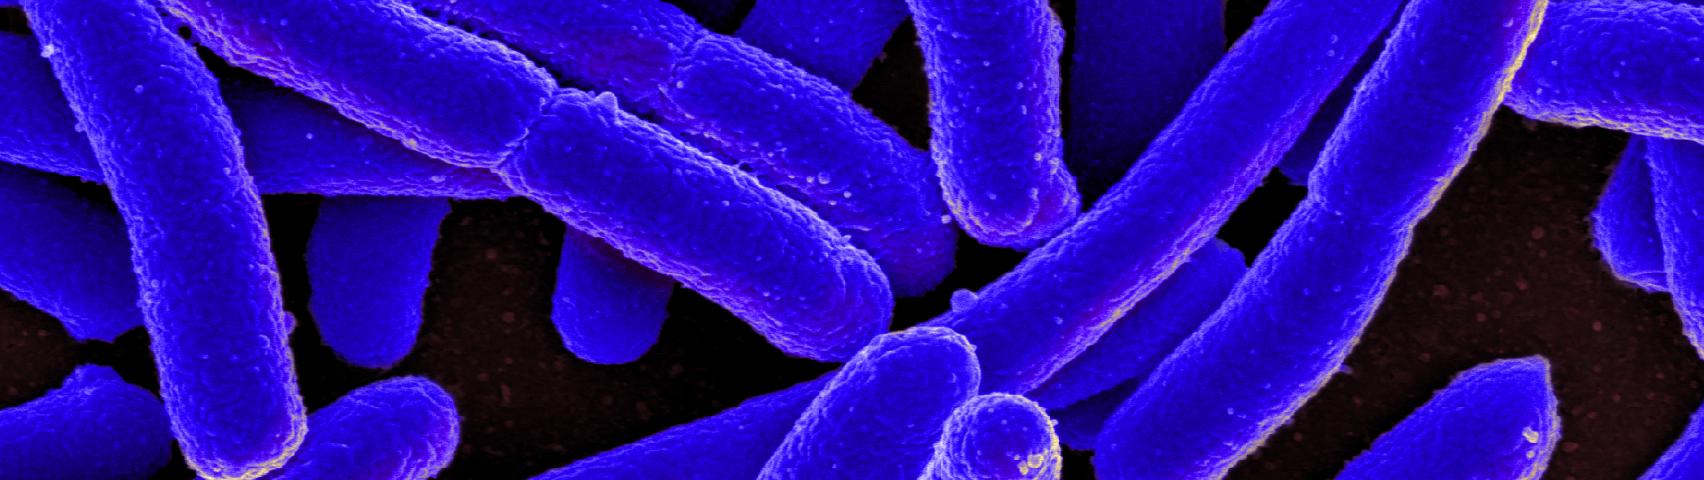 E.coli bacteria